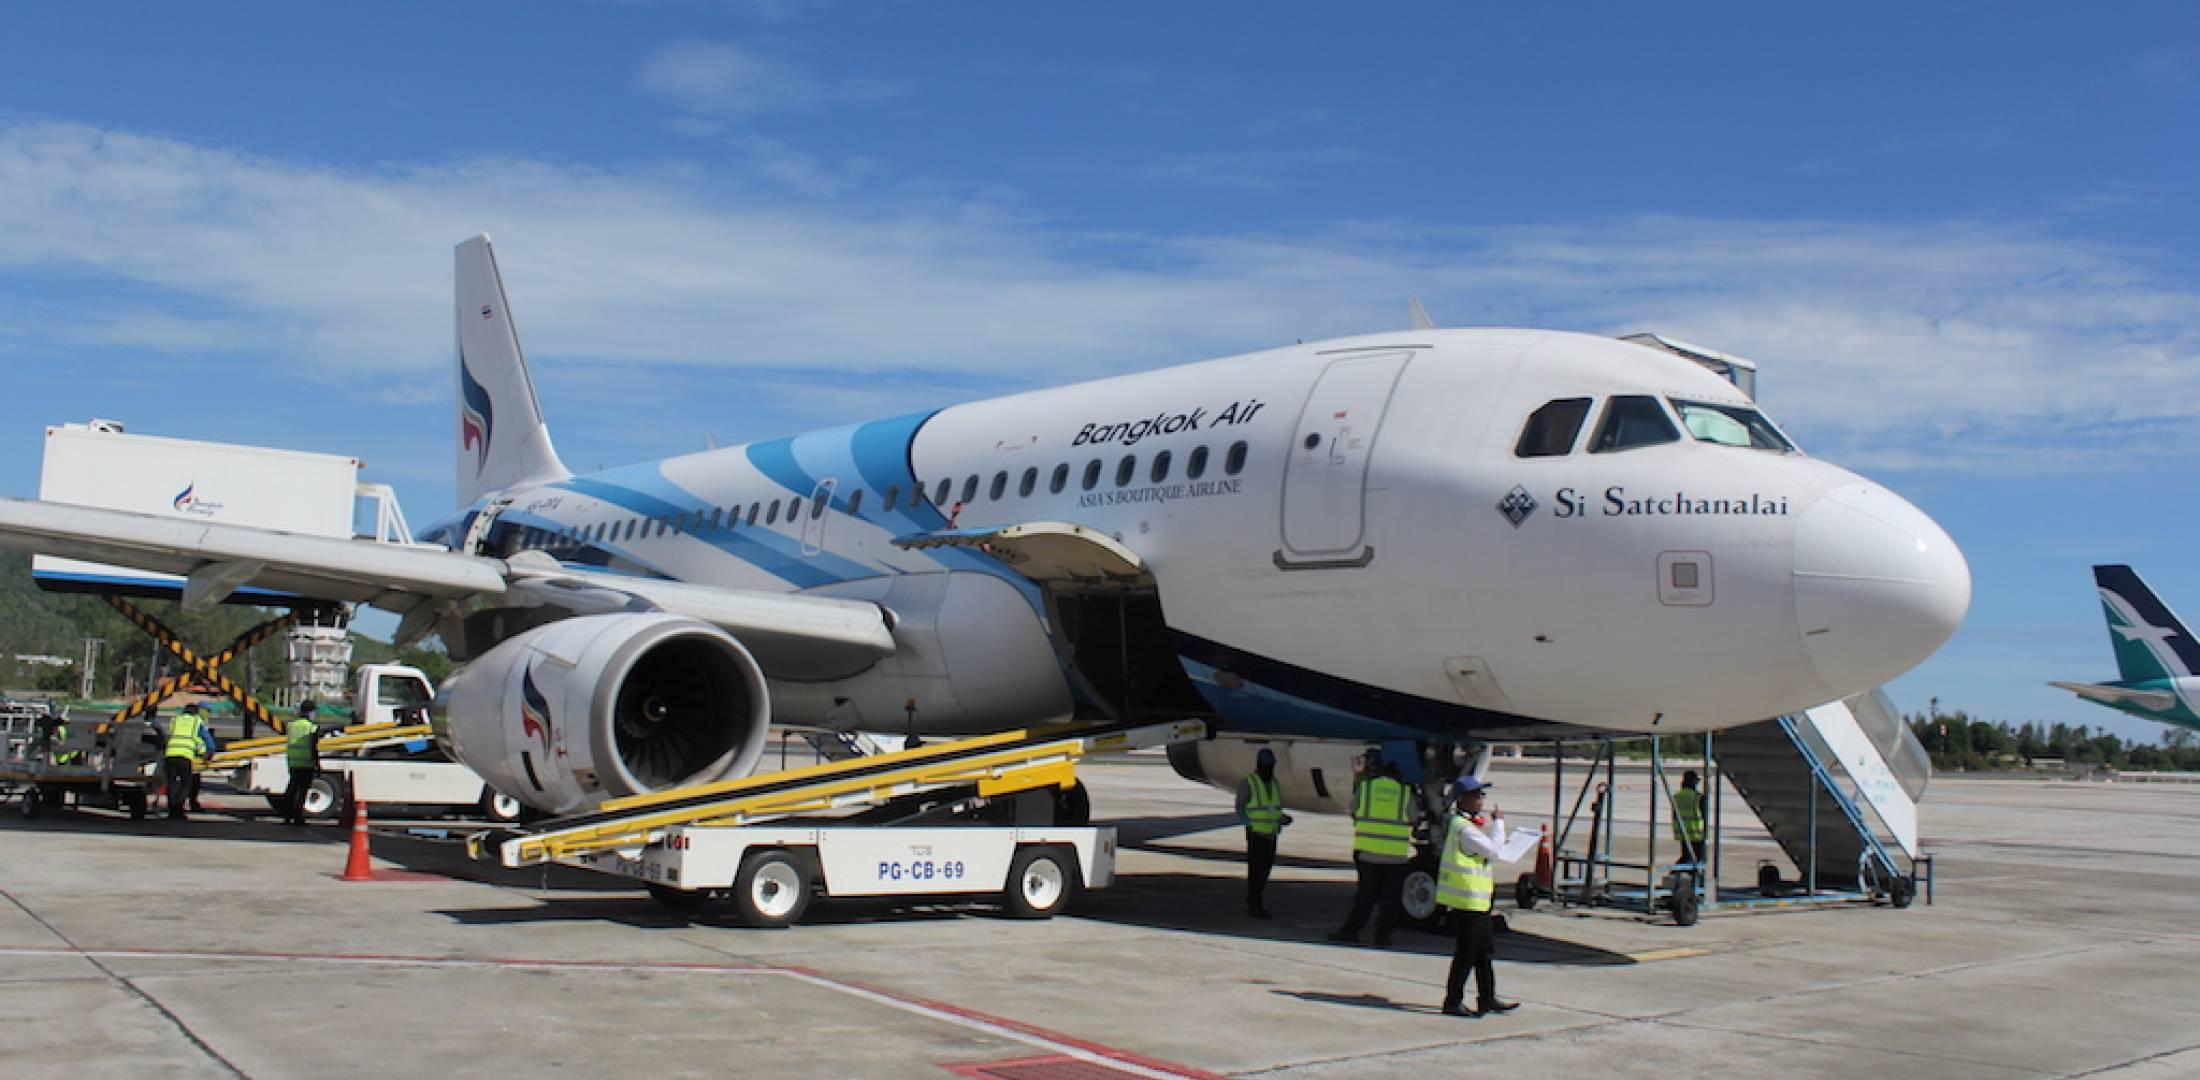 Maskapai Terkenal yang Dapat Ditemukan di Dalam Bandara Internasional Chiang Rai